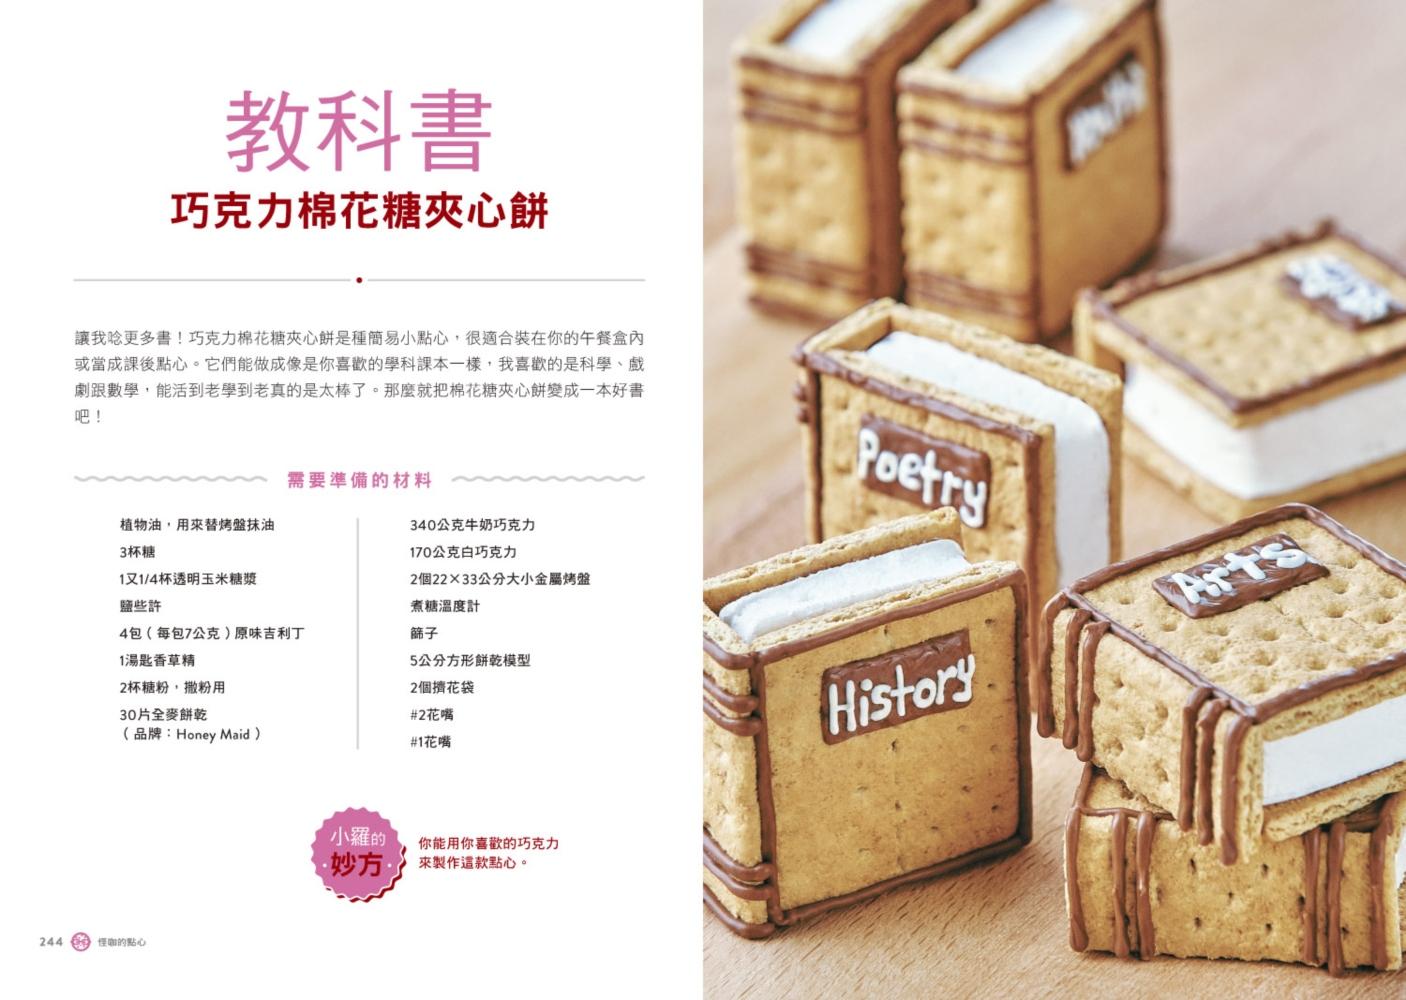 //im2.book.com.tw/image/getImage?i=http://www.books.com.tw/img/001/075/53/0010755383_b_11.jpg&v=5939358d&w=655&h=609